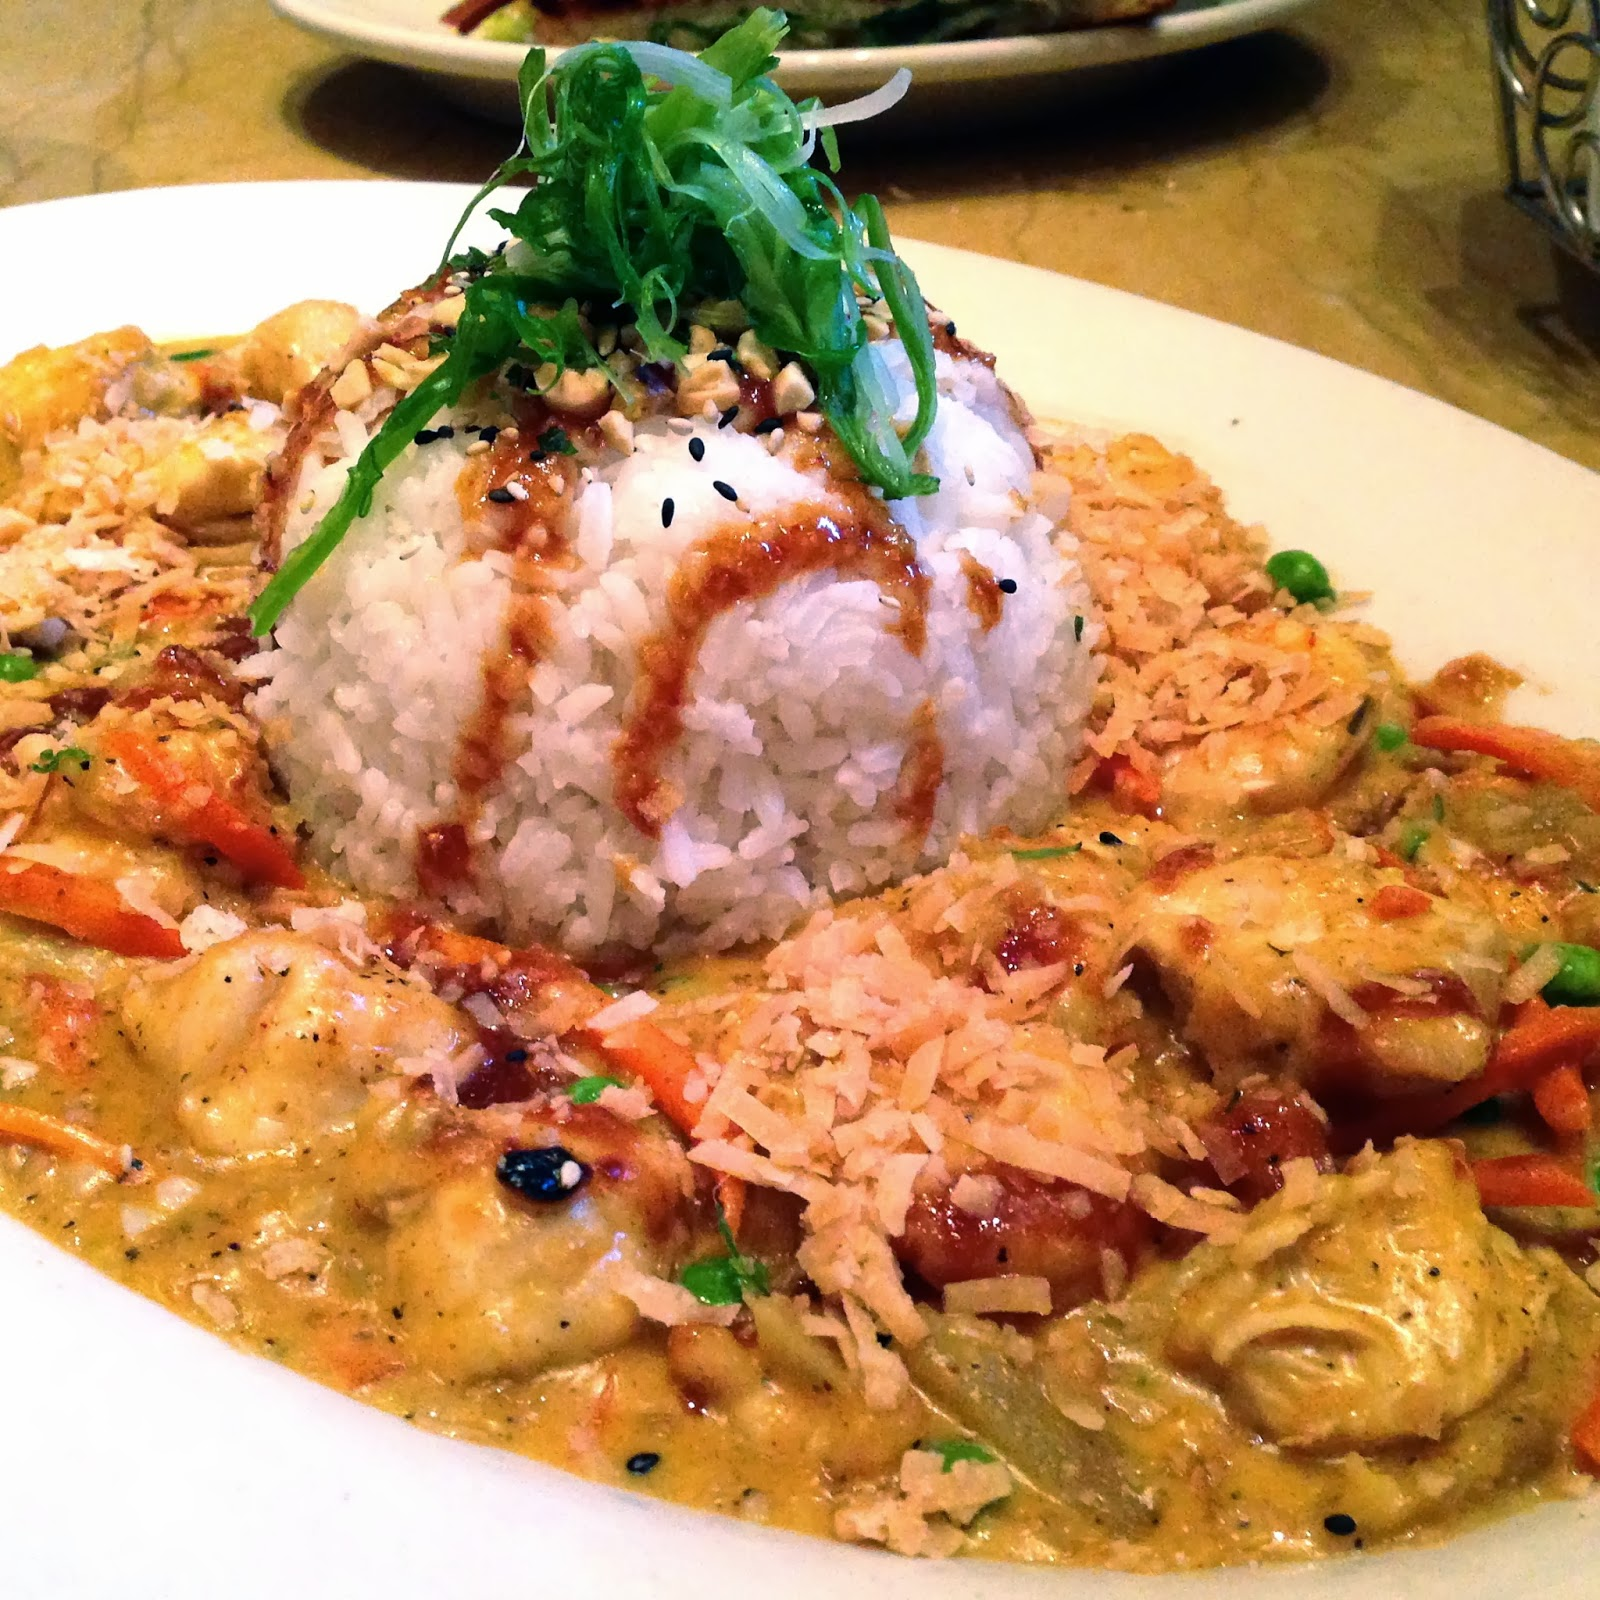 ... Through the Cheesecake Factory Menu: Bang - Bang Chicken and Shrimp